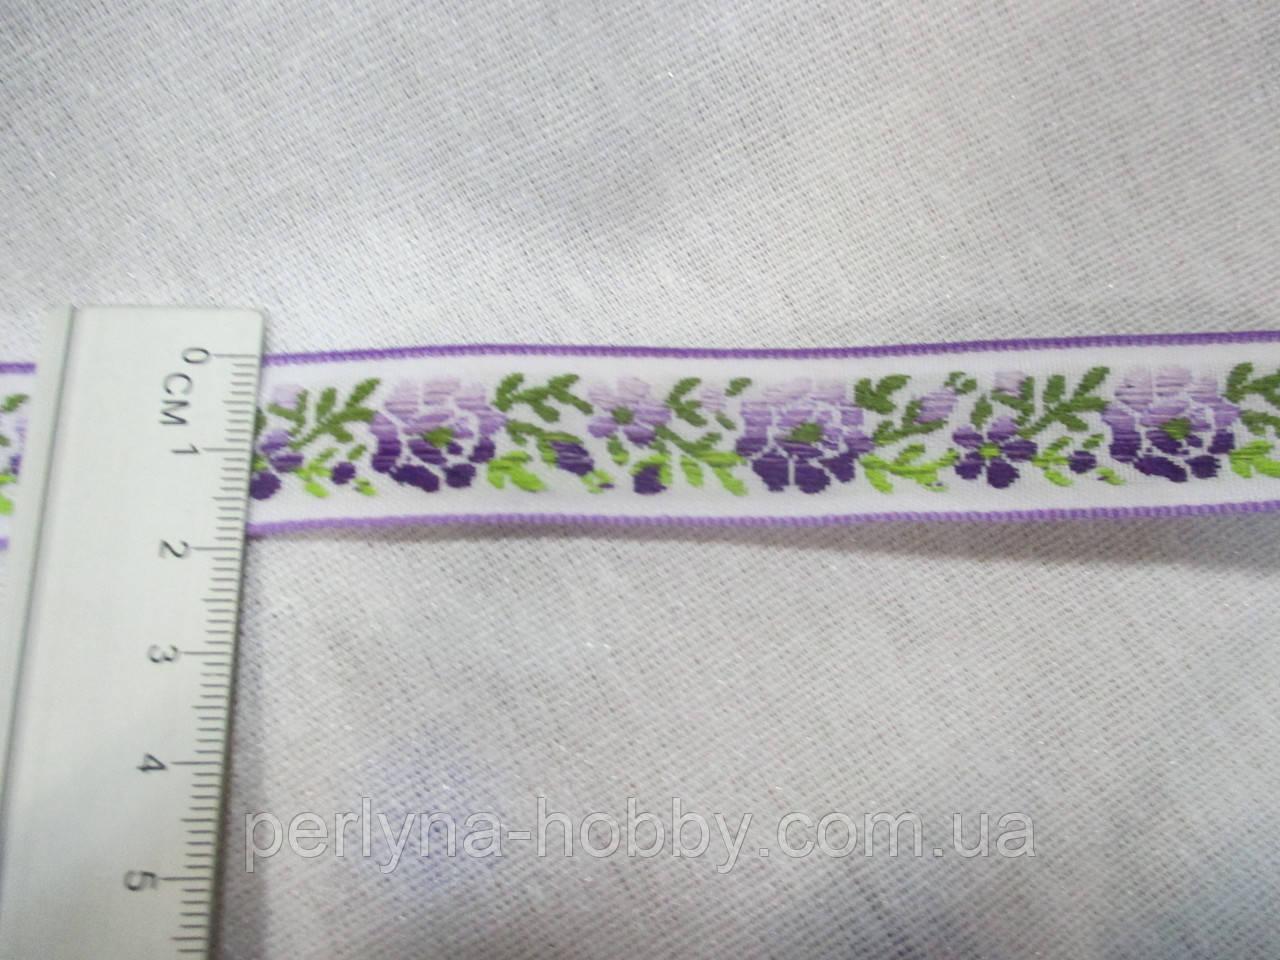 Тасьма декоративна з орнаментом жакардова квіти 18 мм. біла з фіолетовим